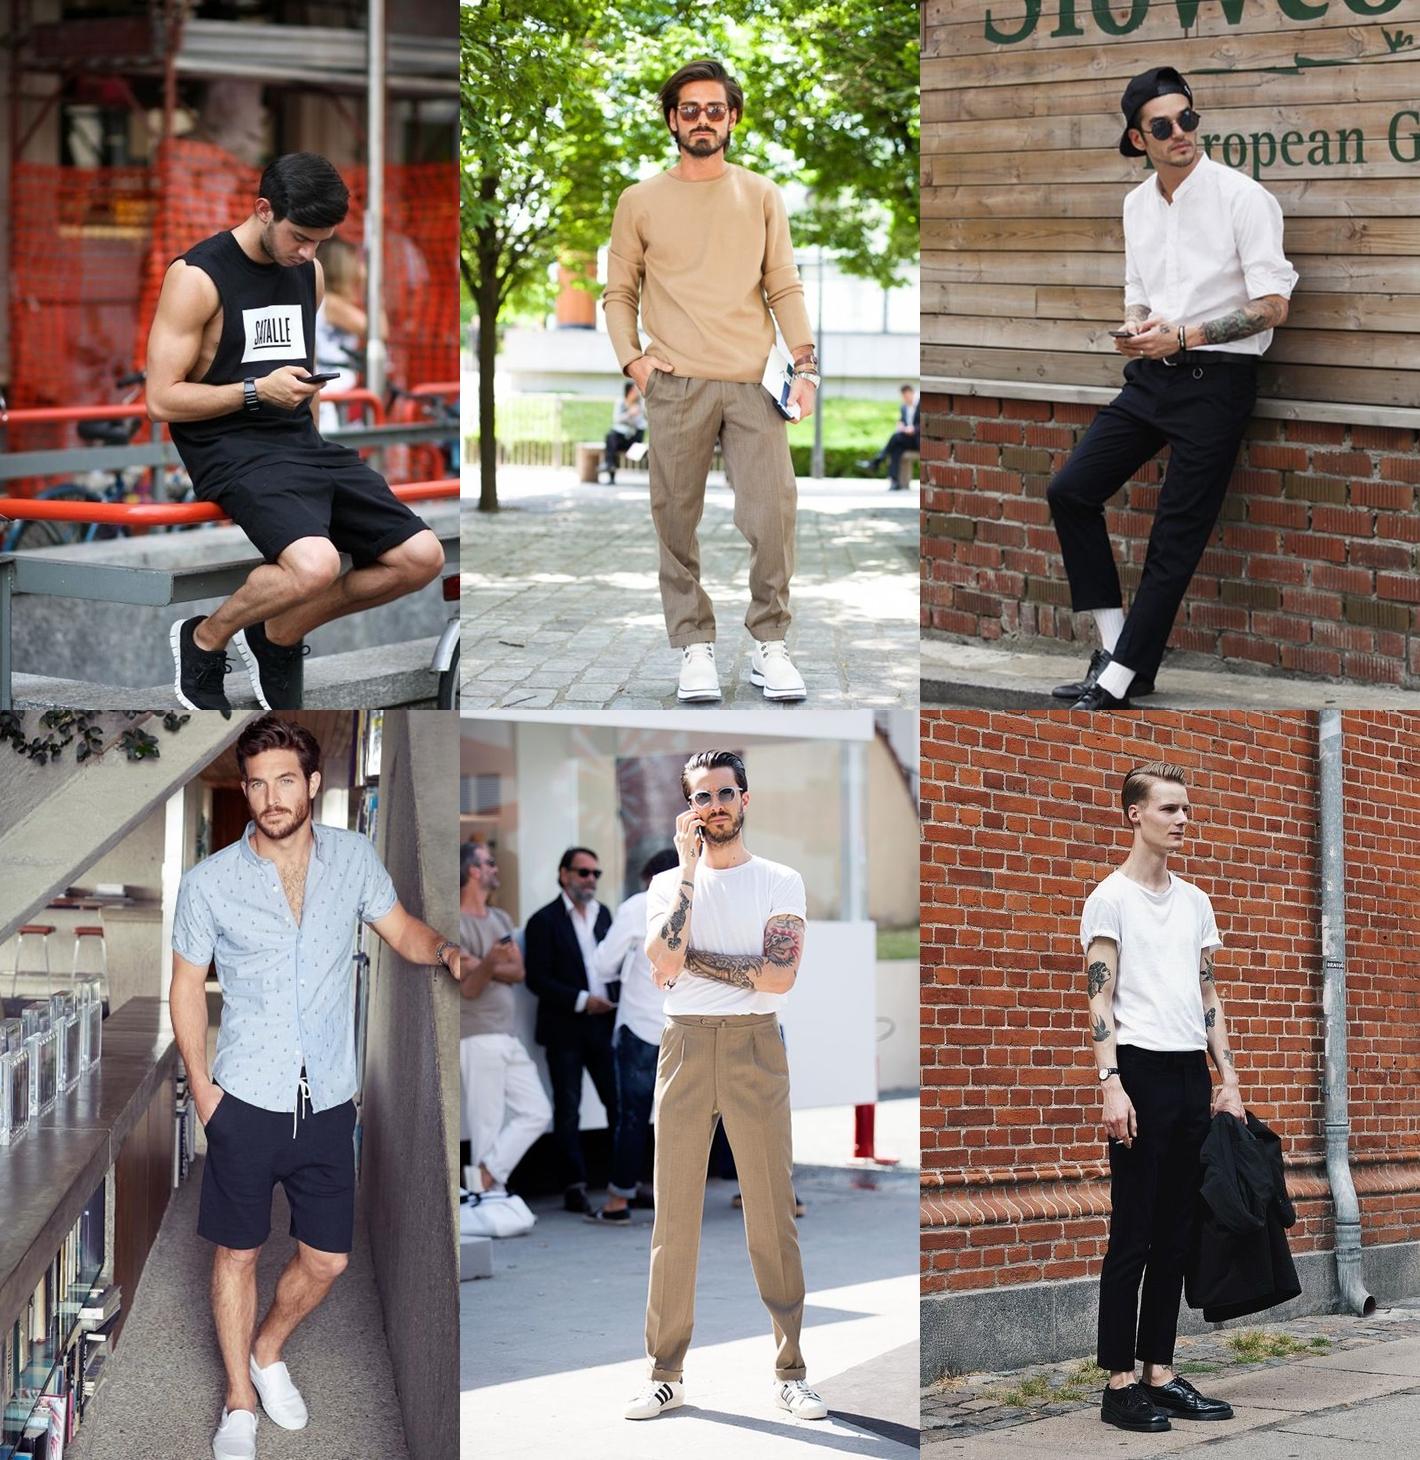 como-usar-basico-estilo-basico-masculino-como-ser-estiloso-como-ter-estilo-dicas-de-moda-alex-cursino-moda-sem-censura-blog-de-moda-menswear-style-basic-style-fashion-tips3